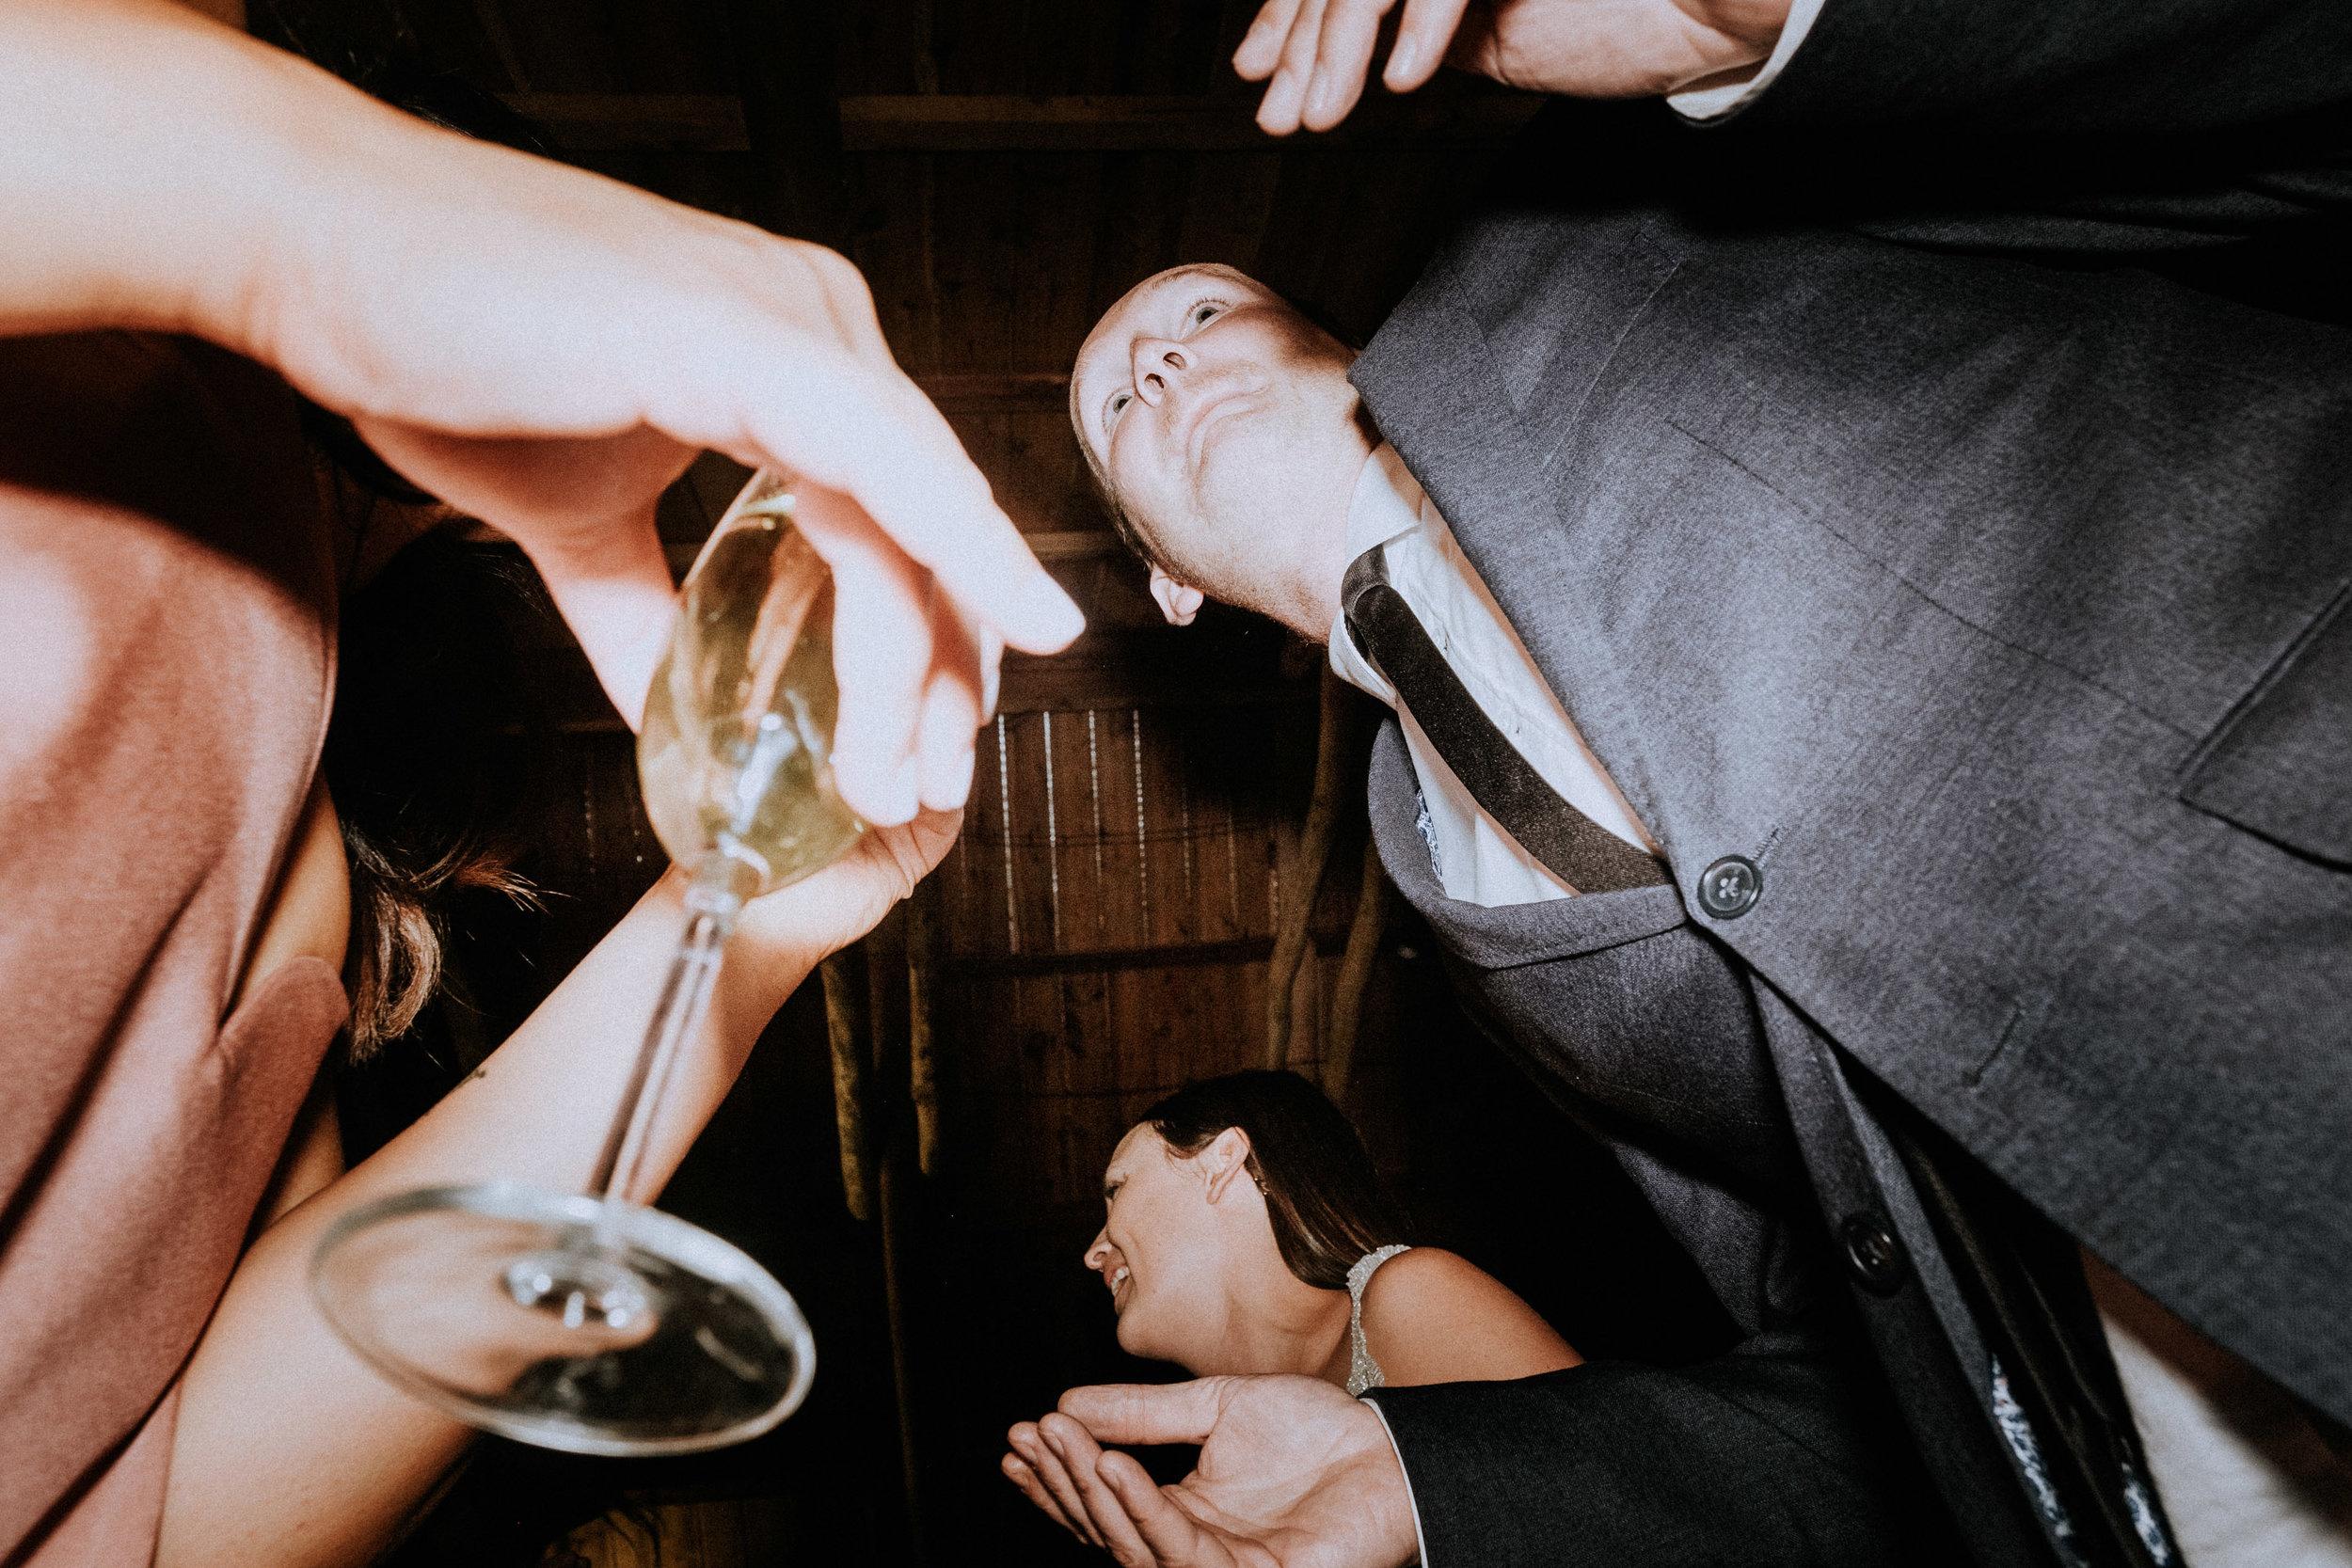 b&d_5s_waldara wedding_kings & thieves_insta - 561.jpg